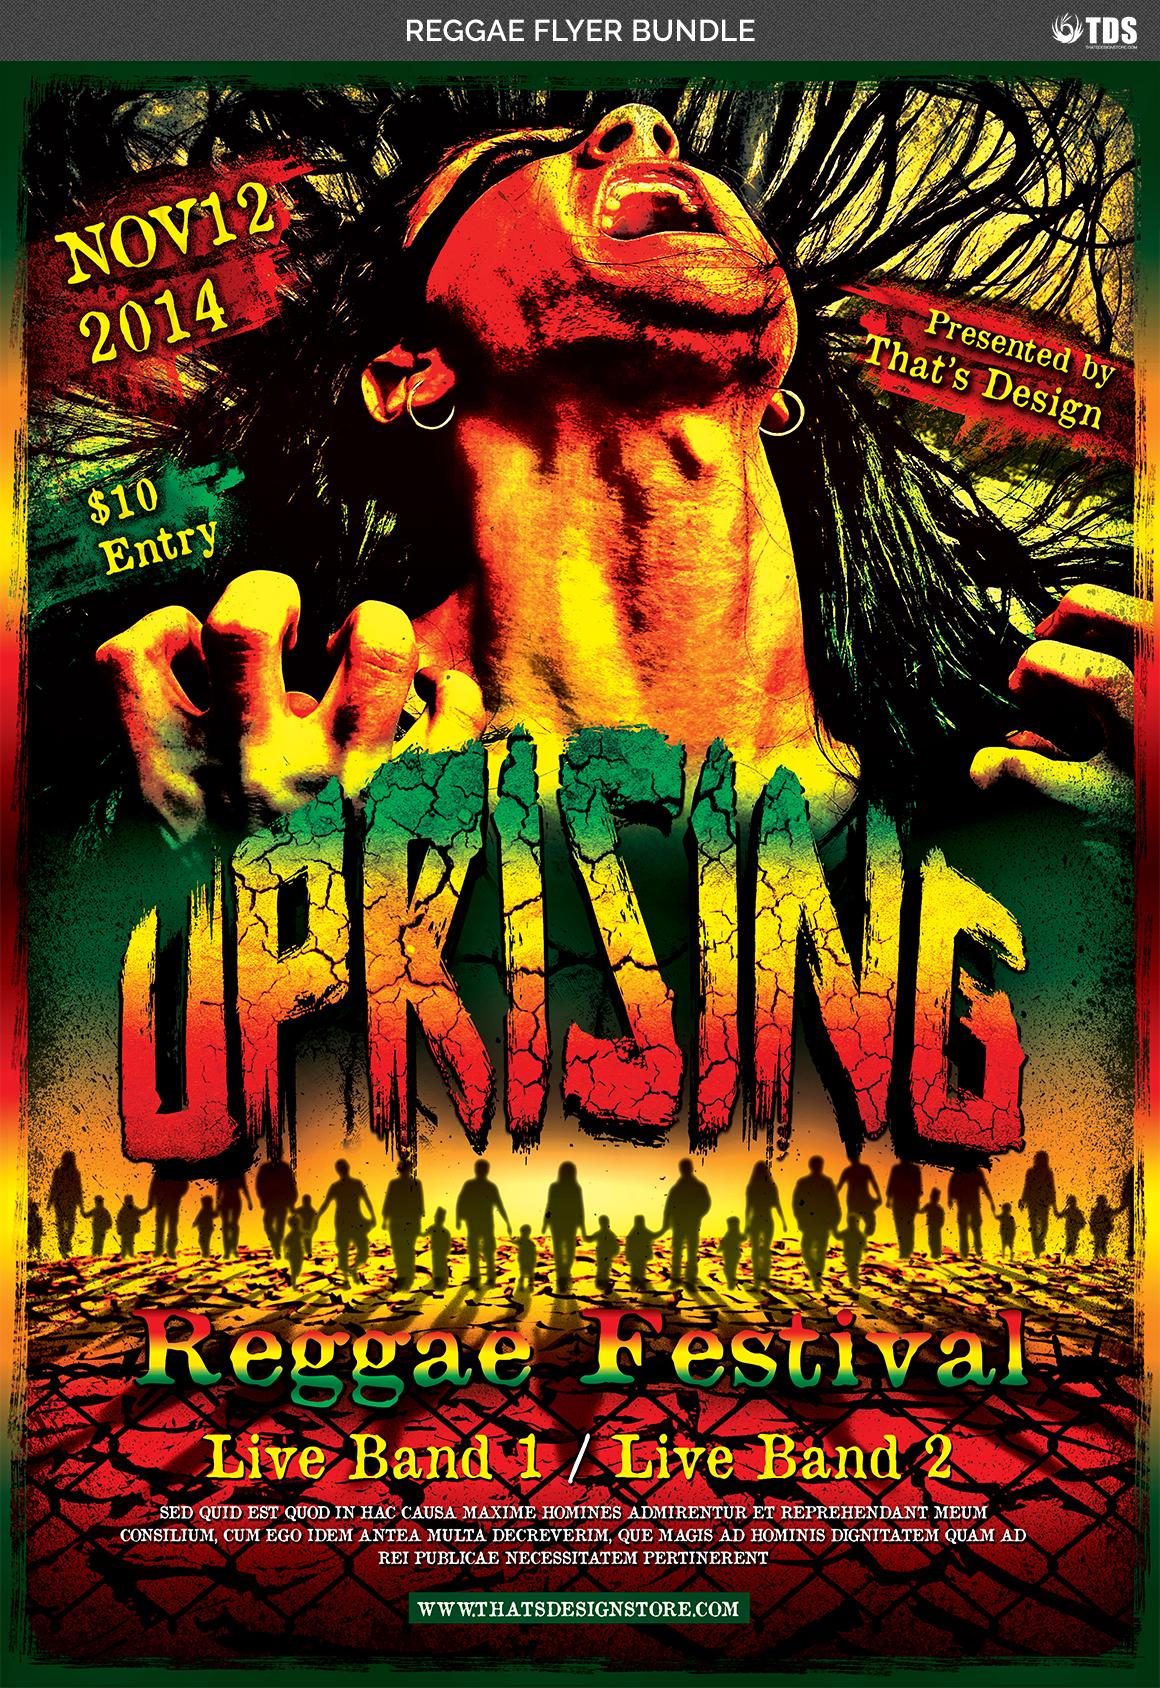 Reggae Flyer Bundle example image 5